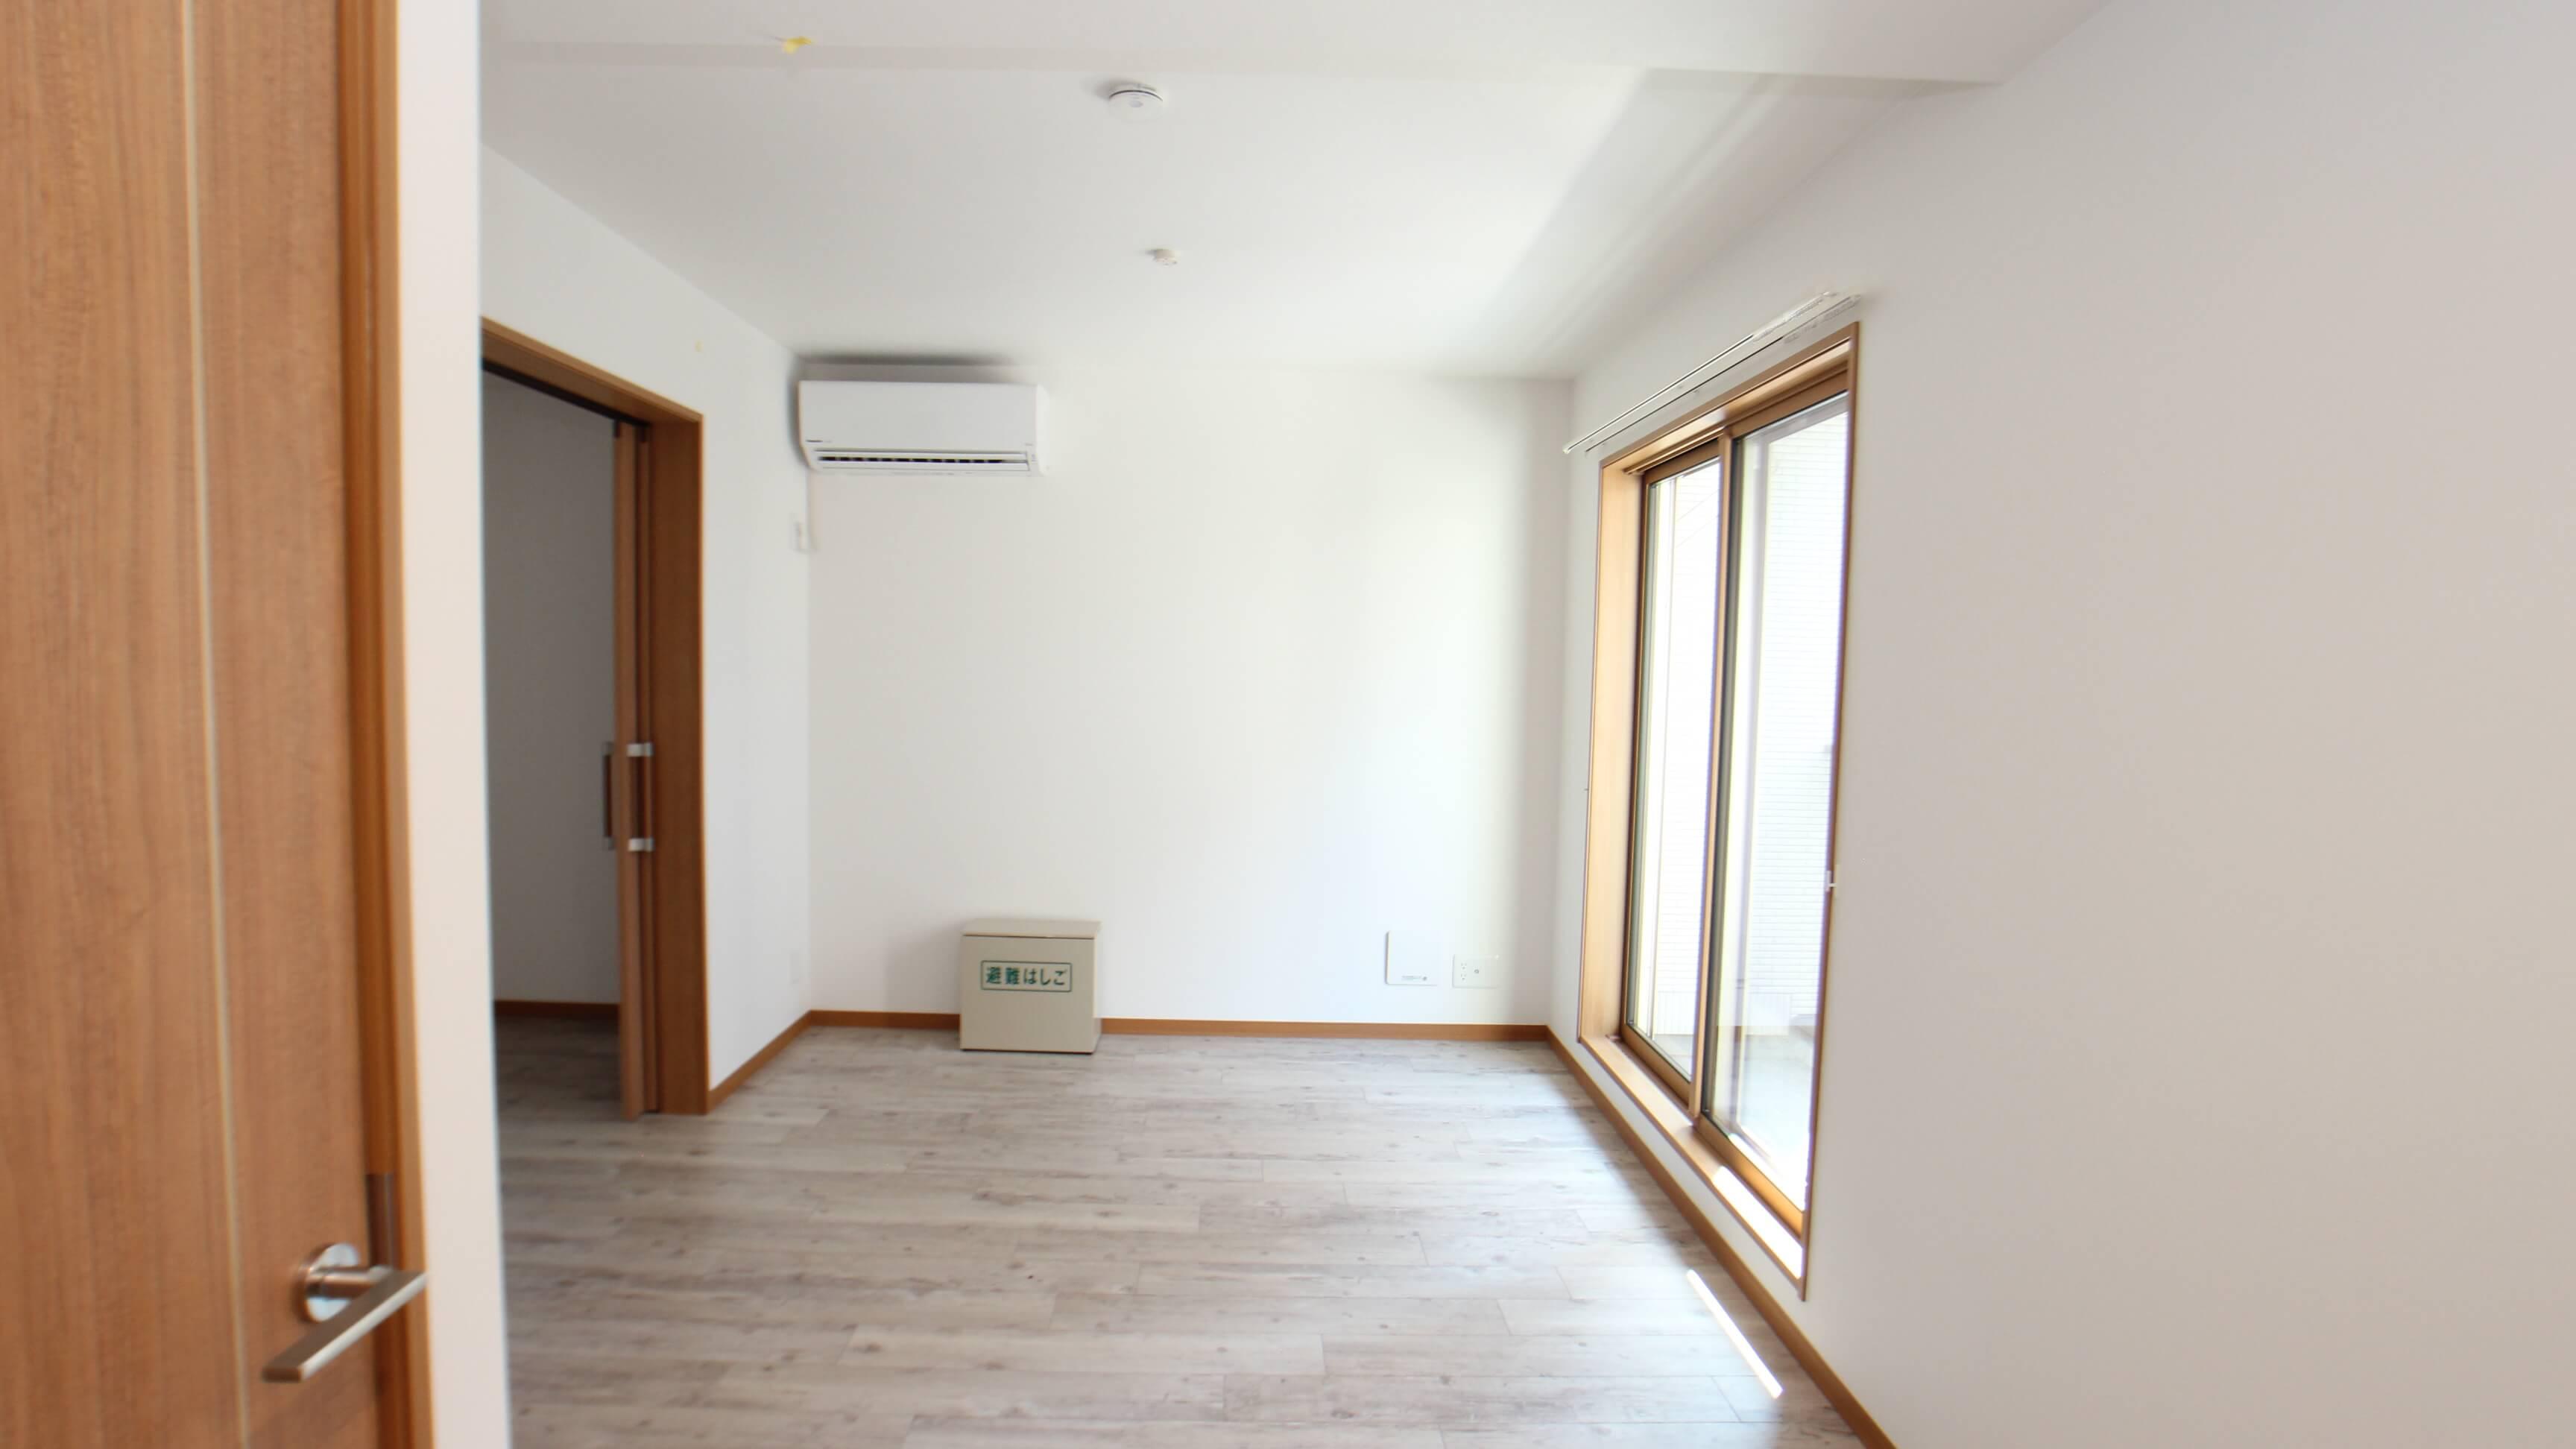 リビング・キッチンで9畳ほど。コンパクトな家具を入れての2人暮らし、全然アリです。(画像は204号室)